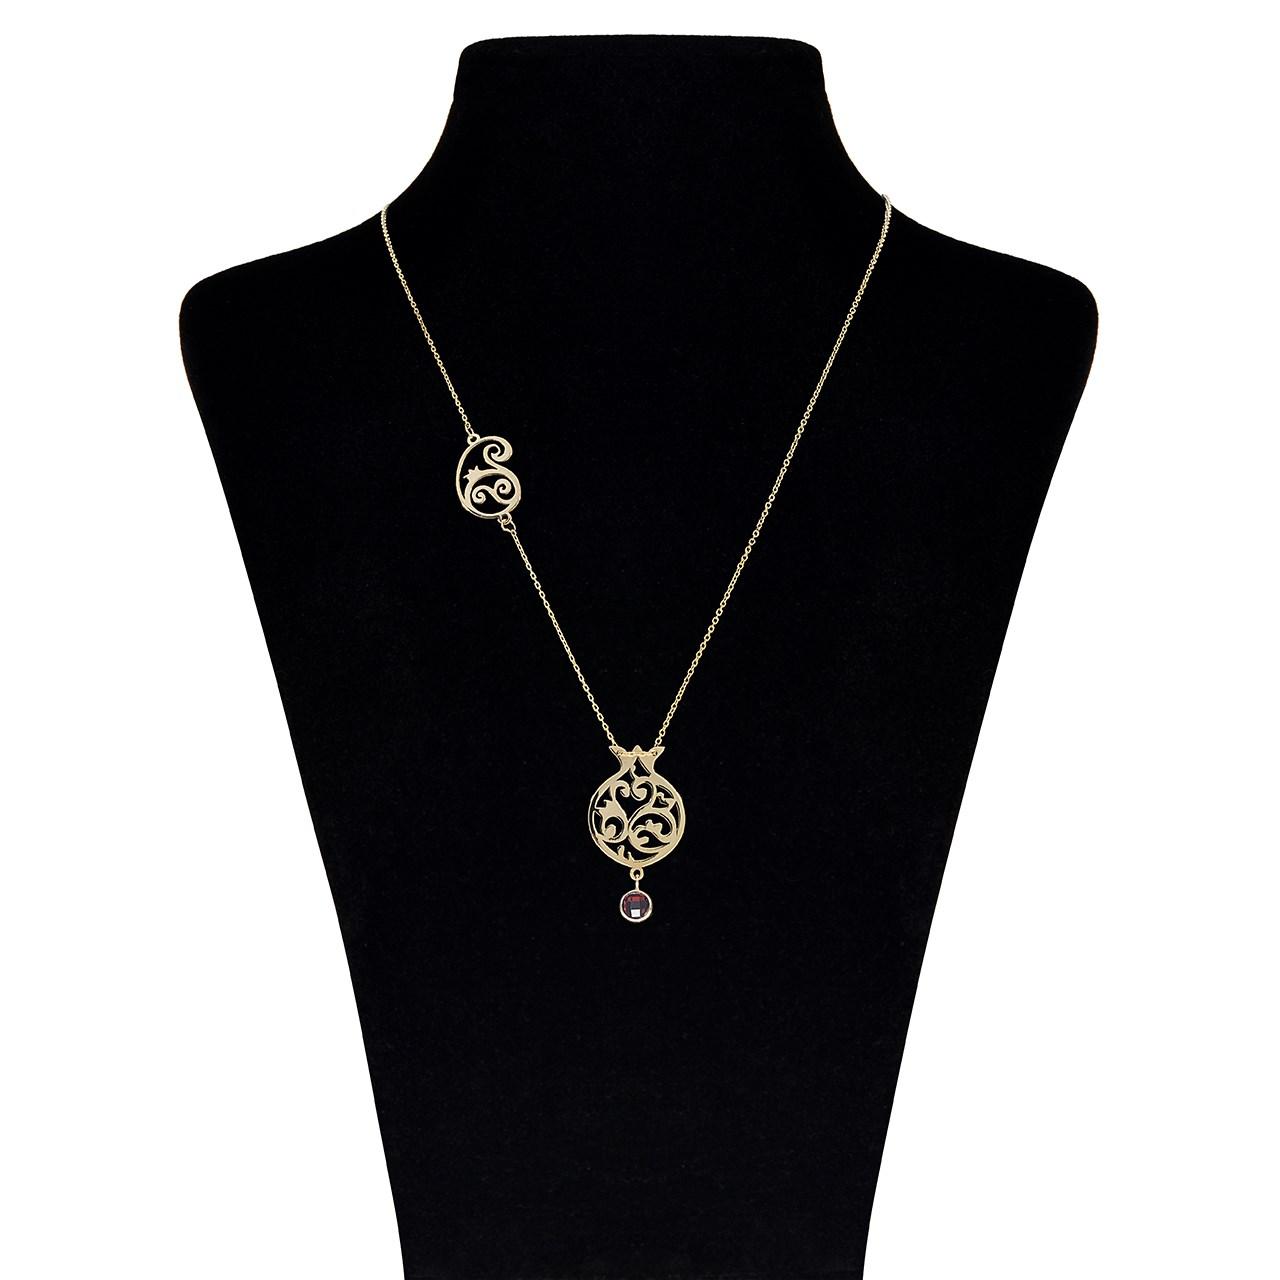 گردنبند طلا 18 عیار ماهک مدل MM0606 - مایا ماهک